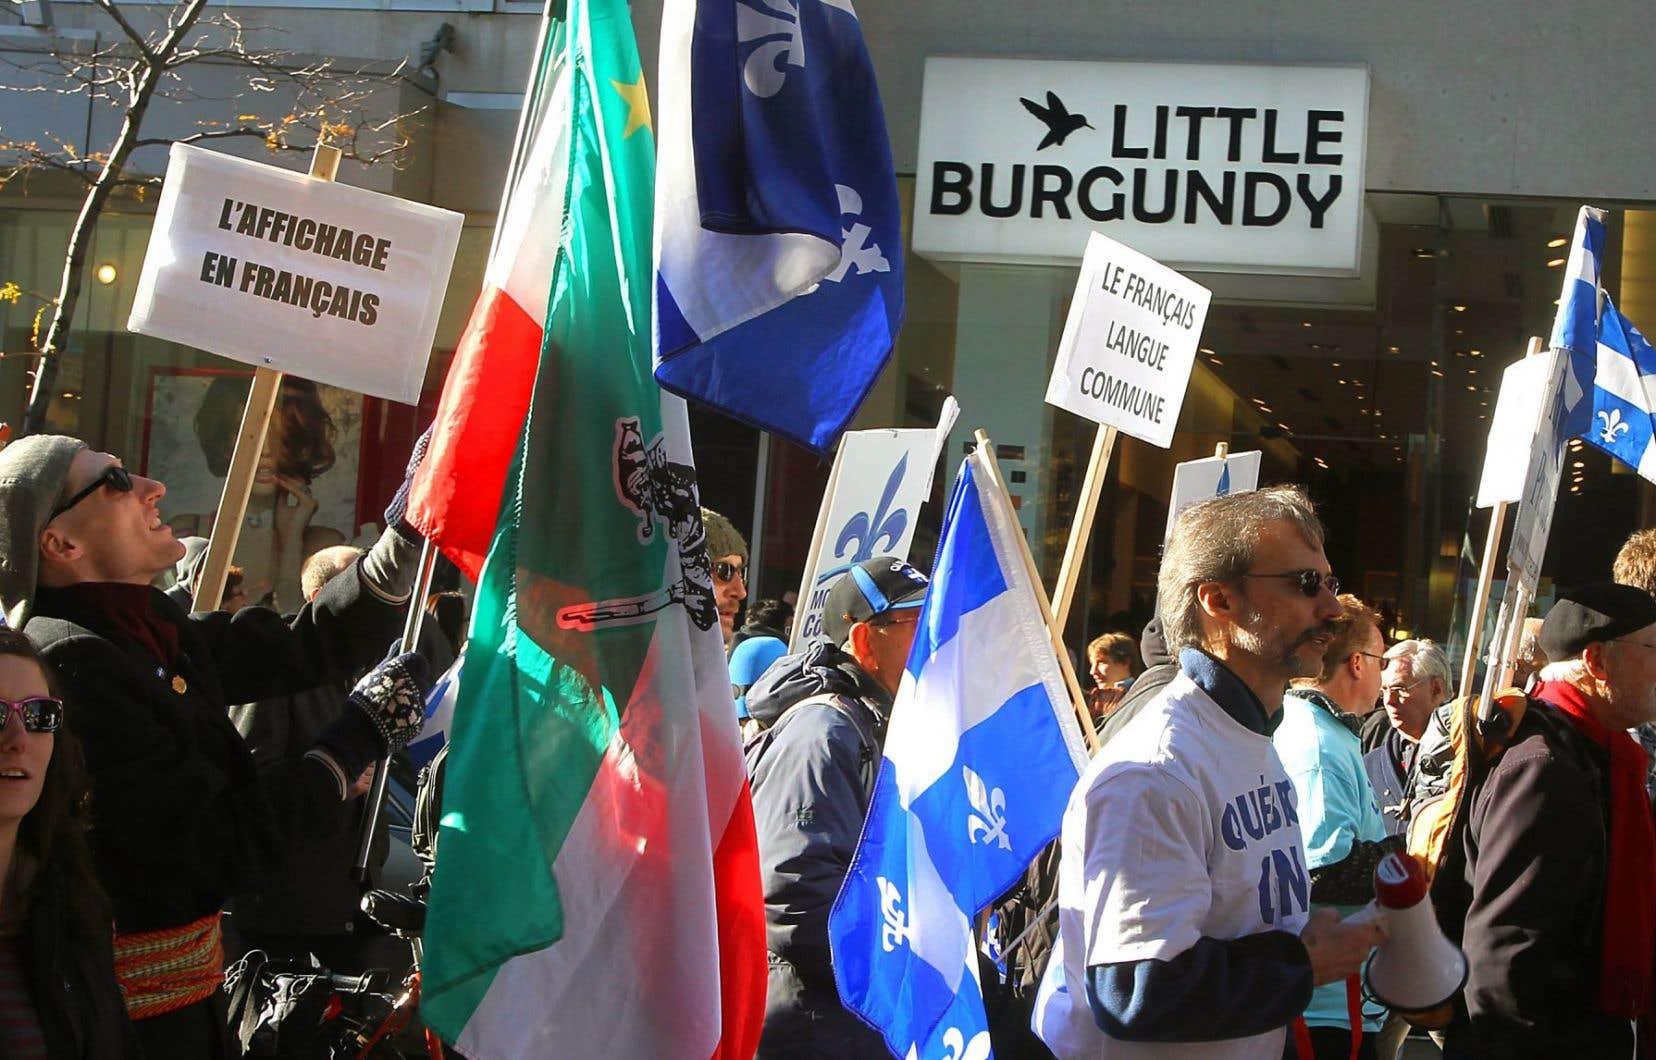 Une manifestation pour l'affichage en français, à Montréal